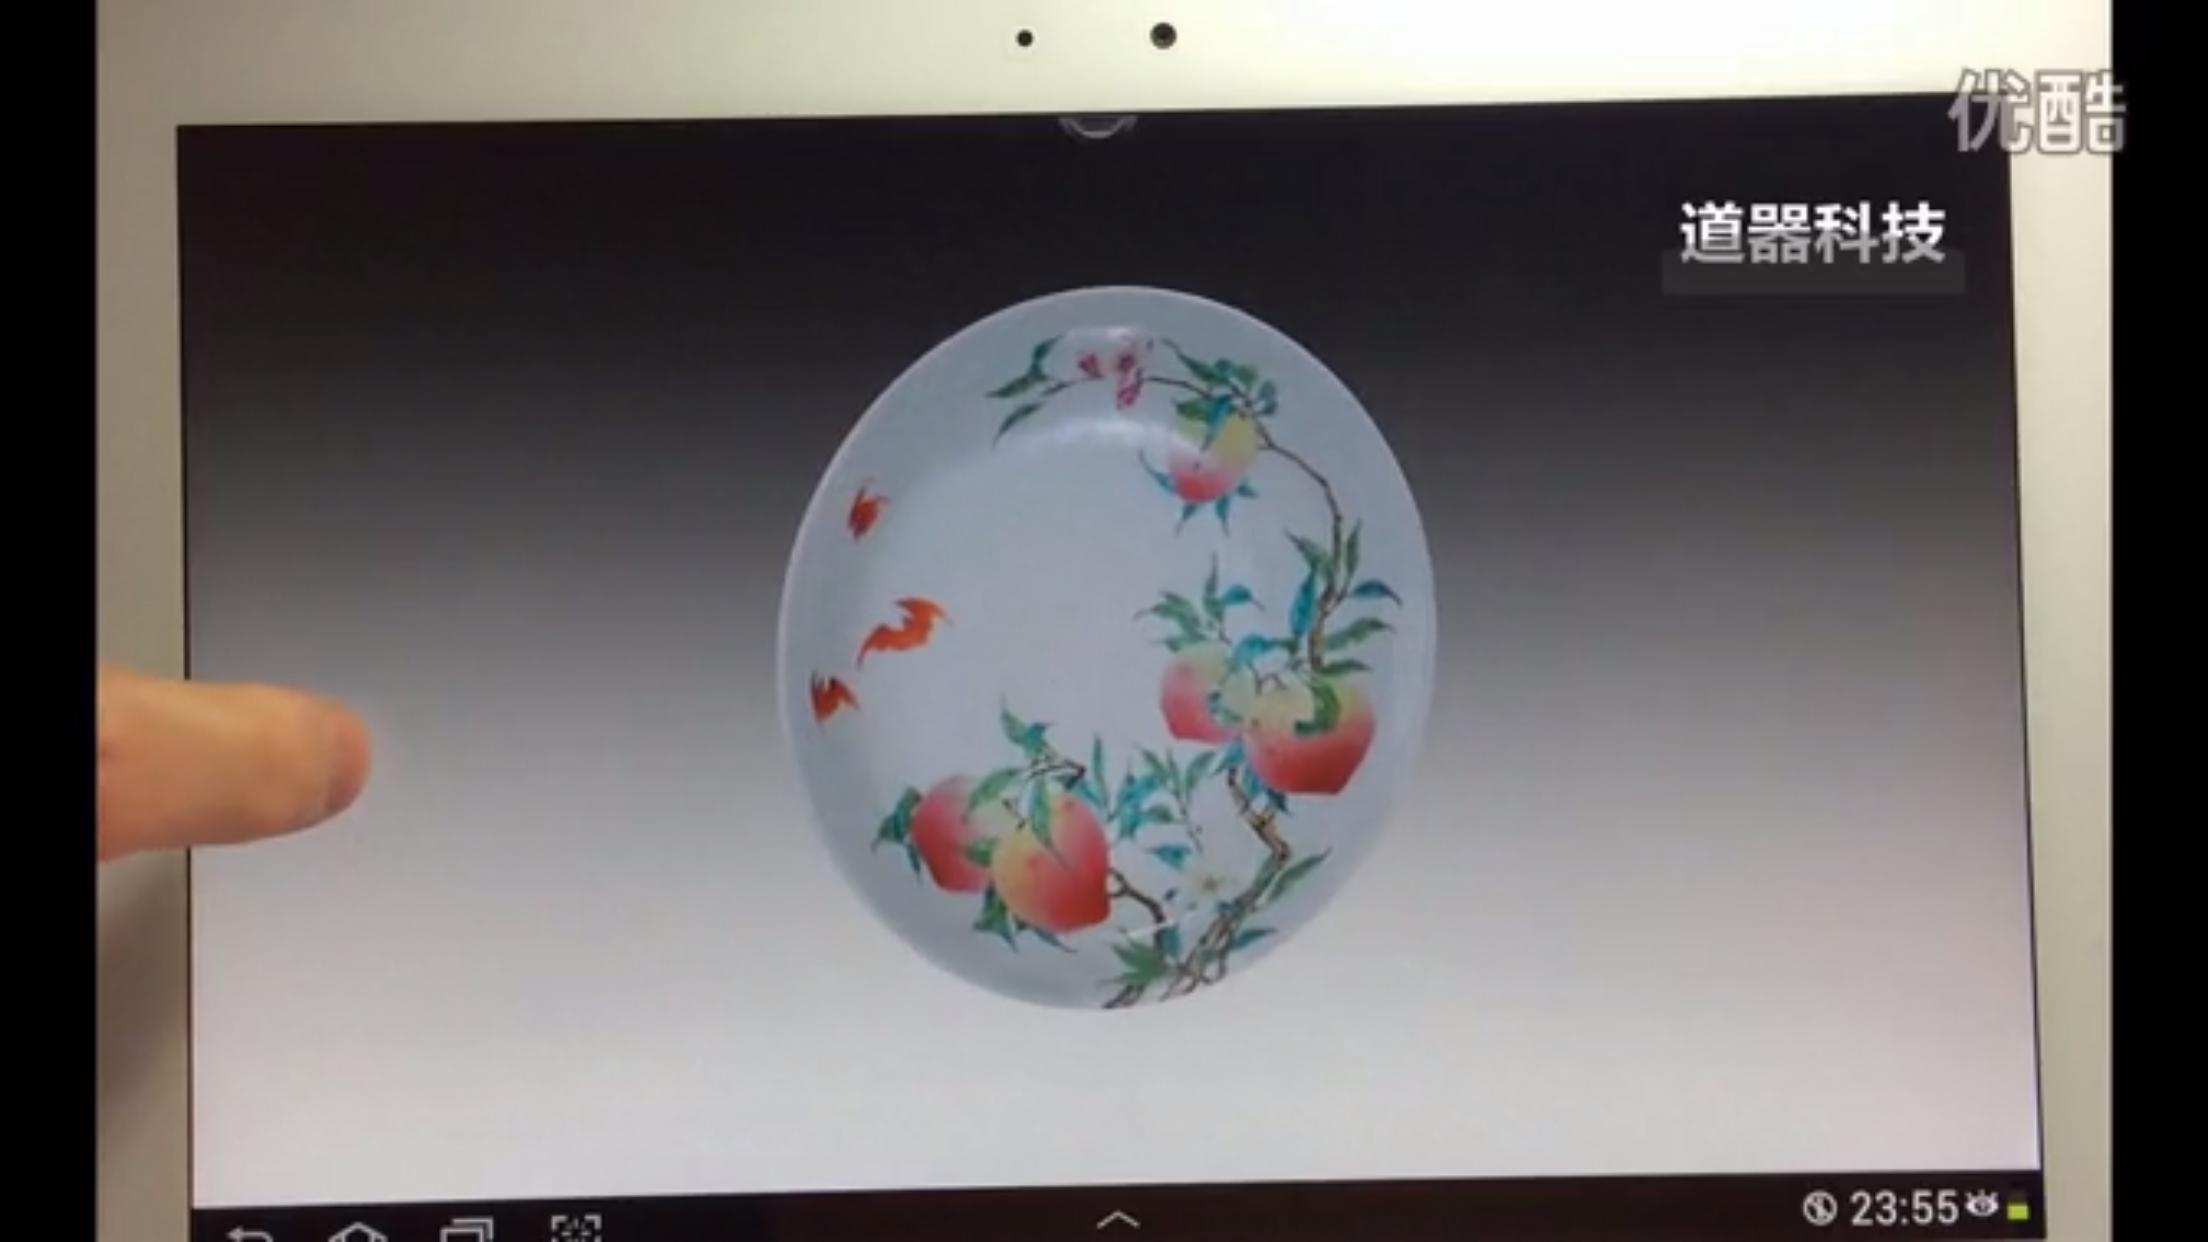 御制粉彩过枝福寿双全盘 展示案例